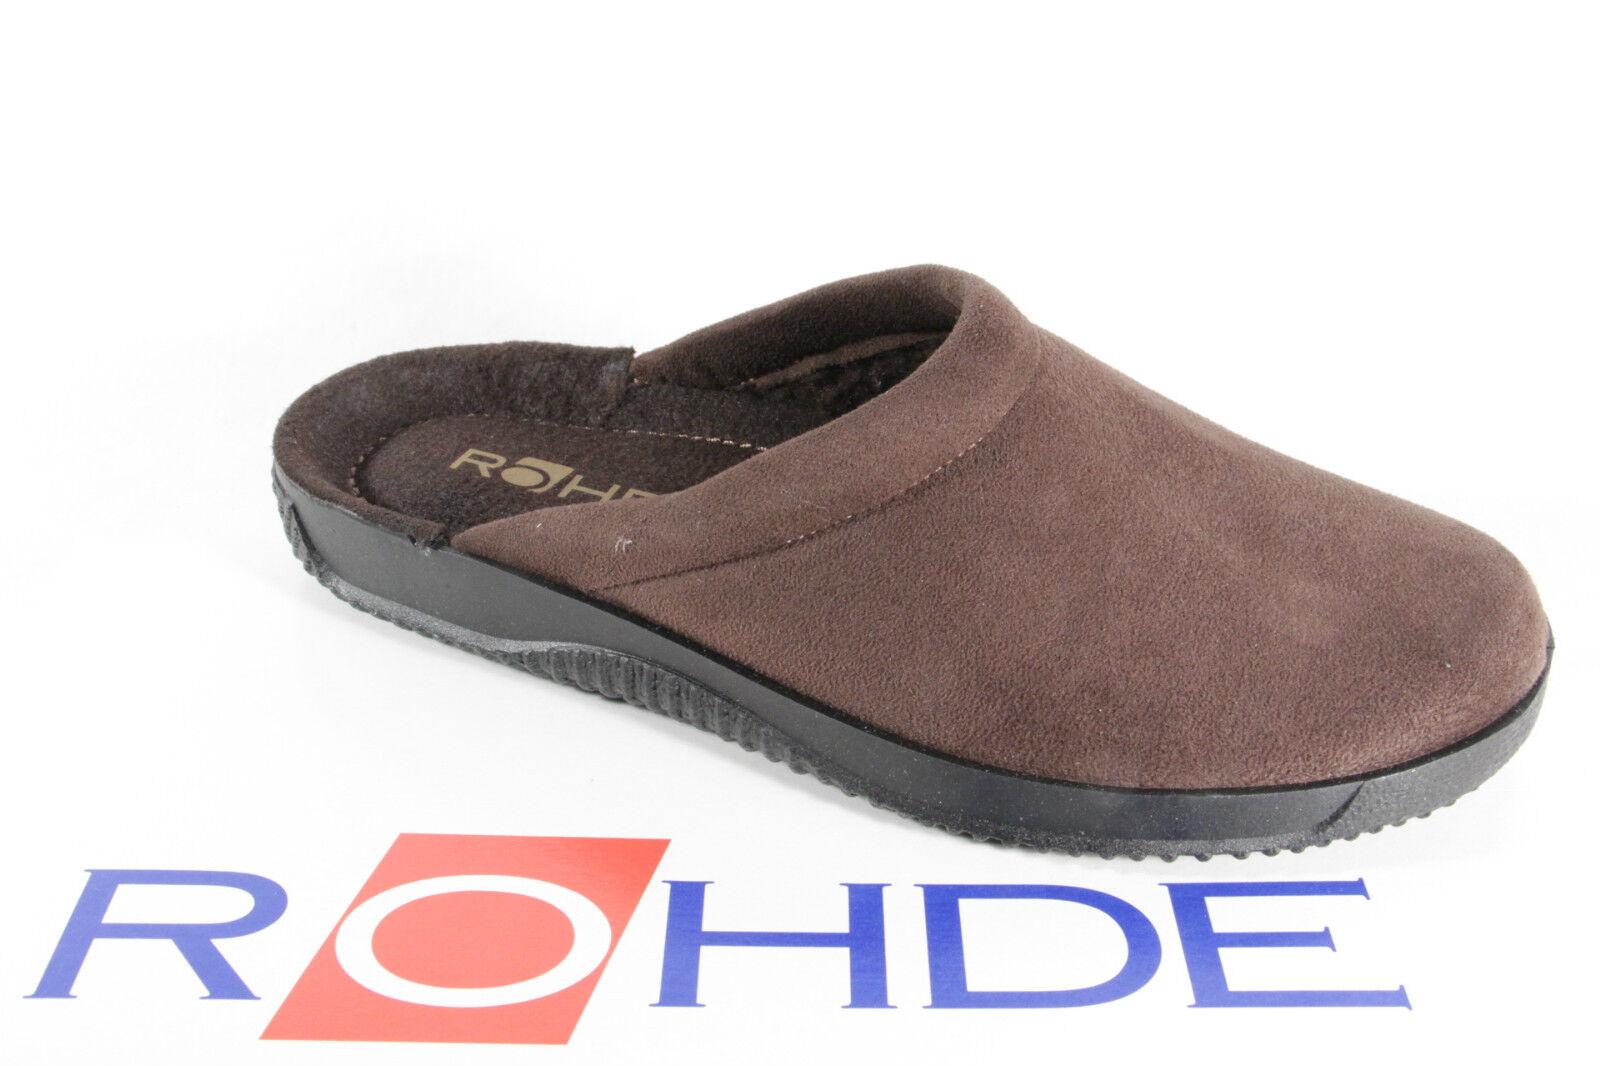 Rohde Pantuflas de Hombre Zapatillas Microgamuza Marrón, Forrado Nuevo